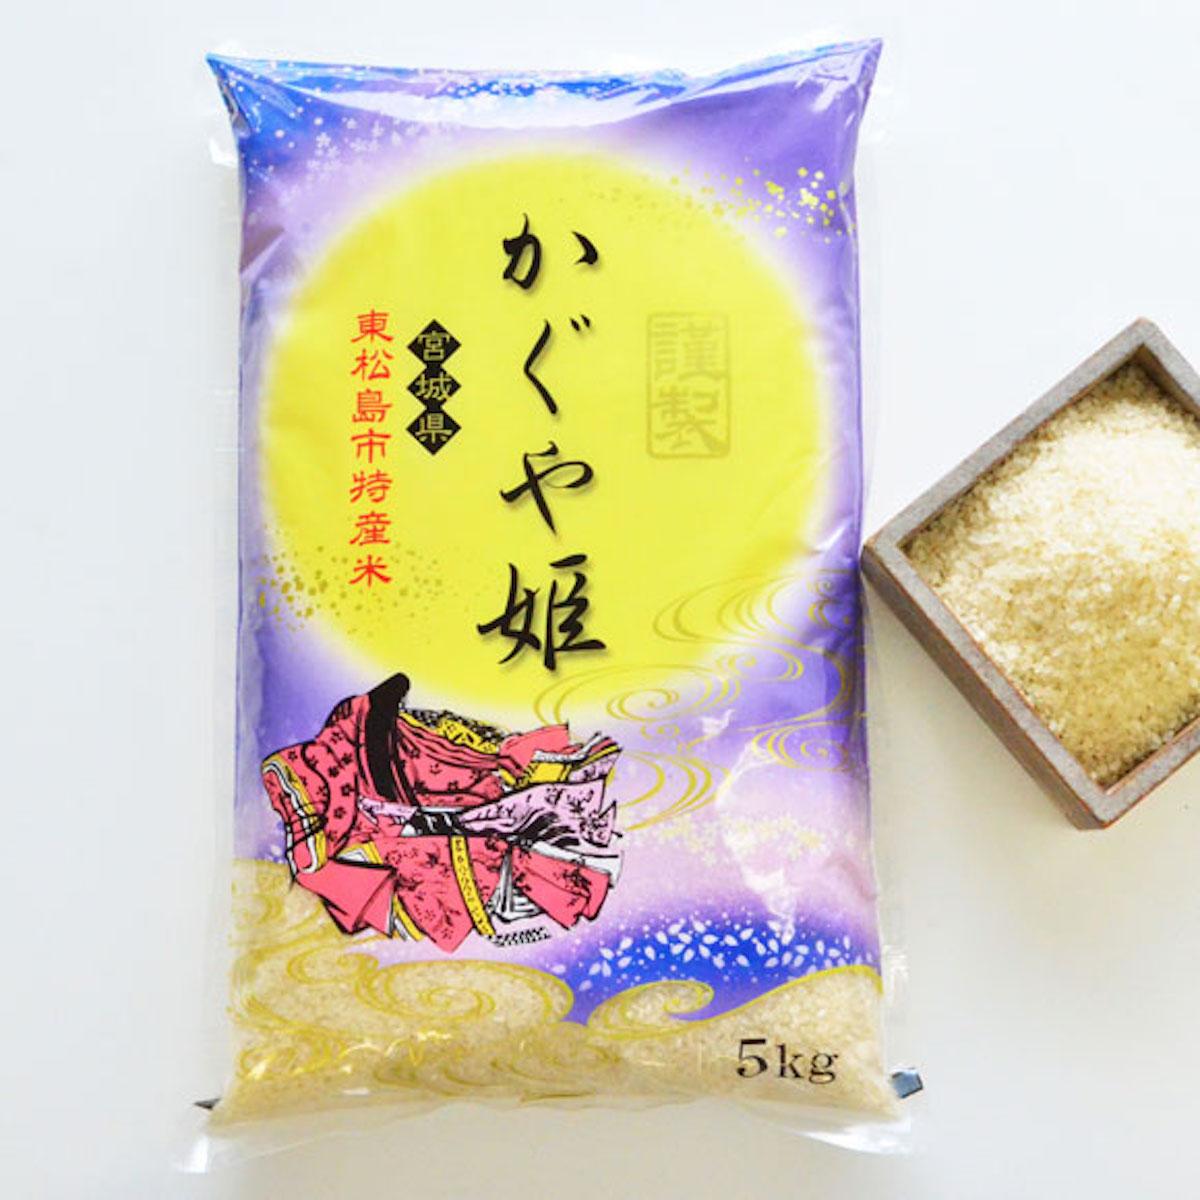 【ふるさと納税】東松島市特産 天授のお米 超稀少品種『かぐや姫』(精米5kg)